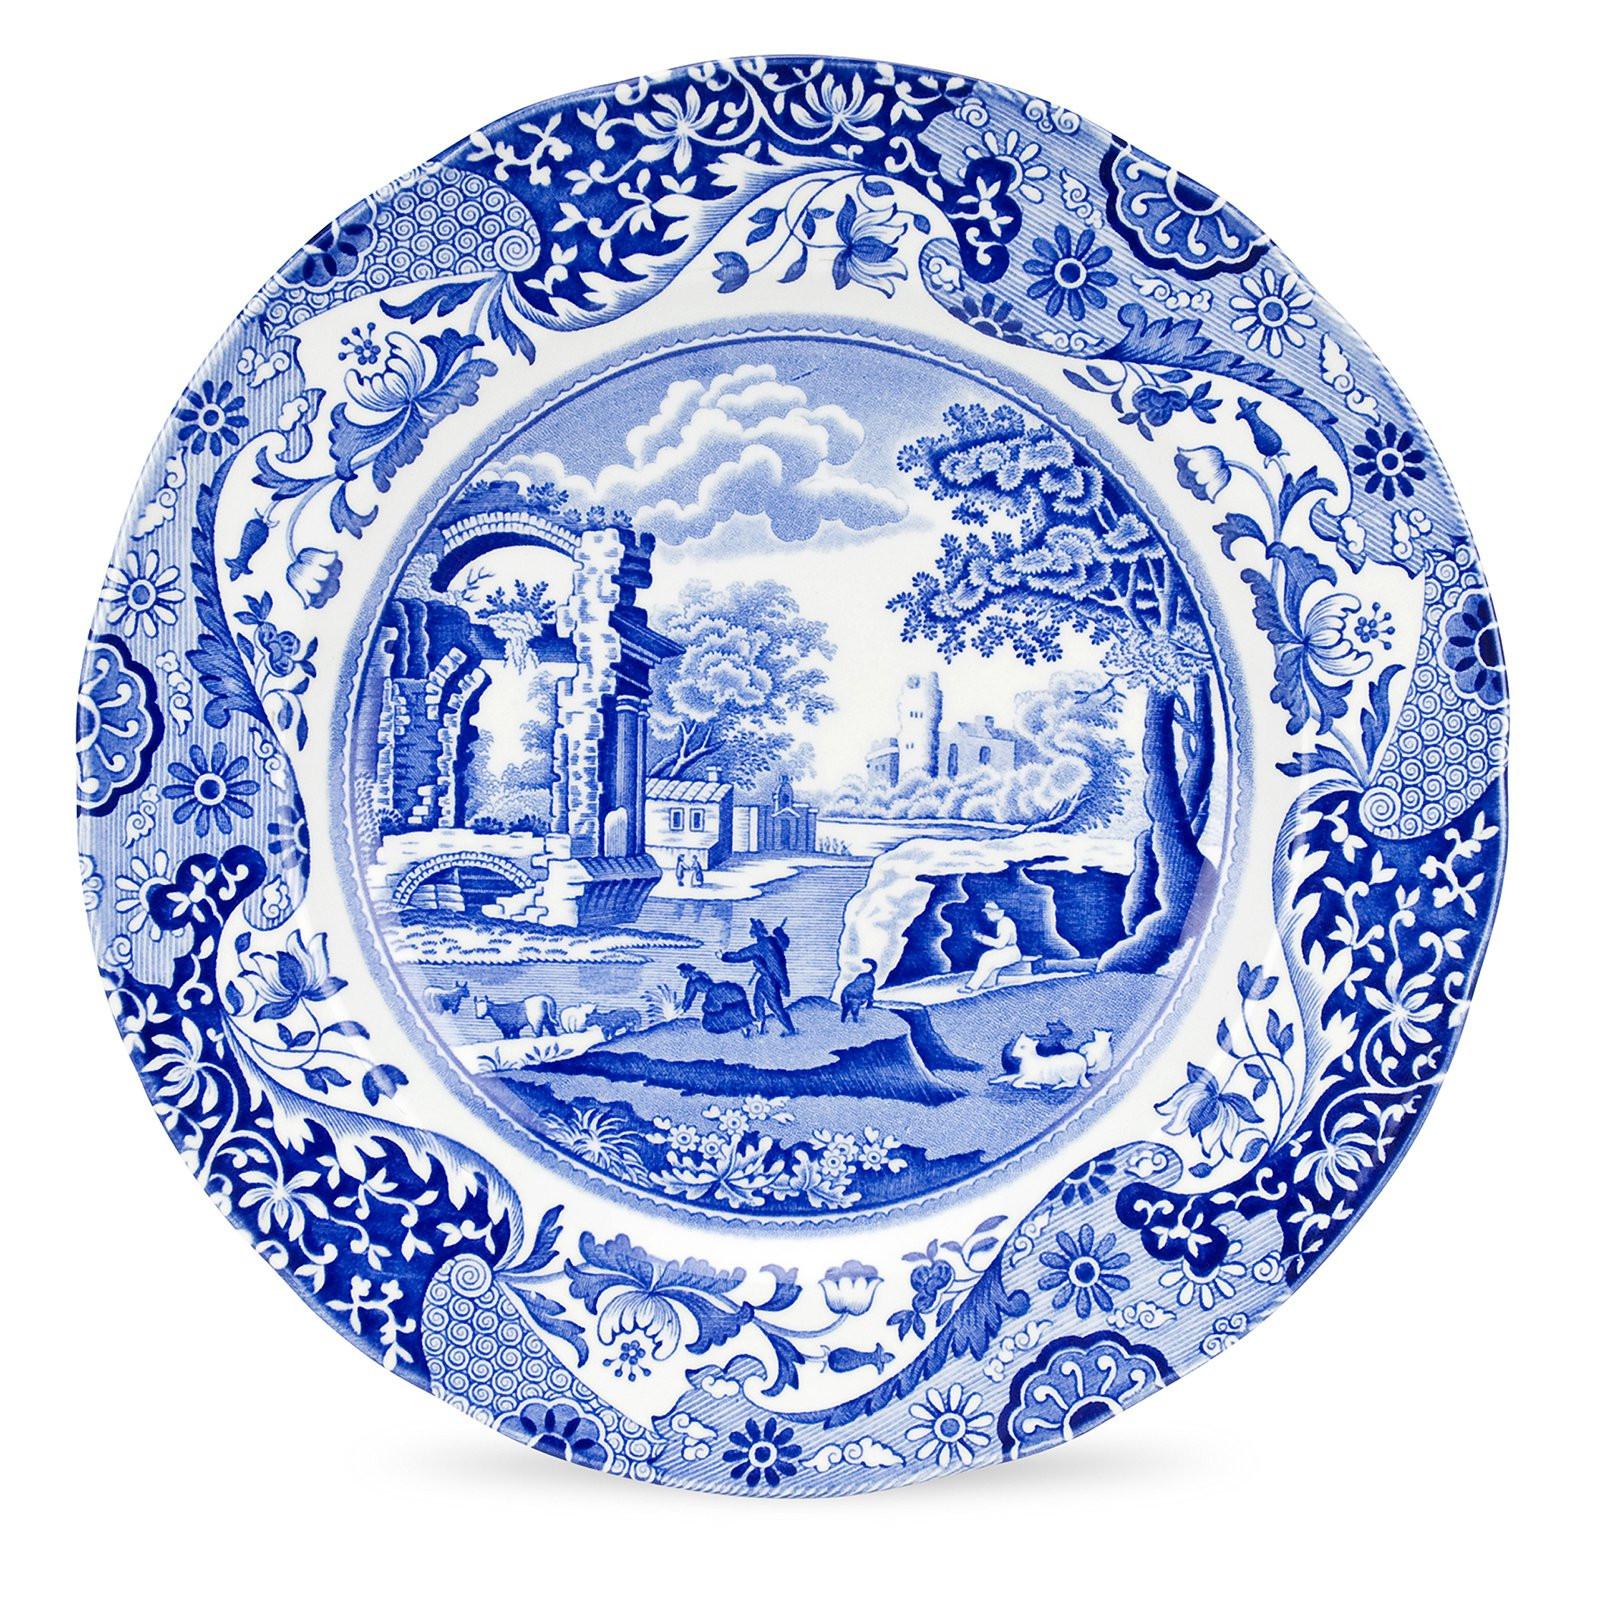 Blue Dinner Plates  Spode Blue Italian Dinner Plate Set of 4 Dinnerware at